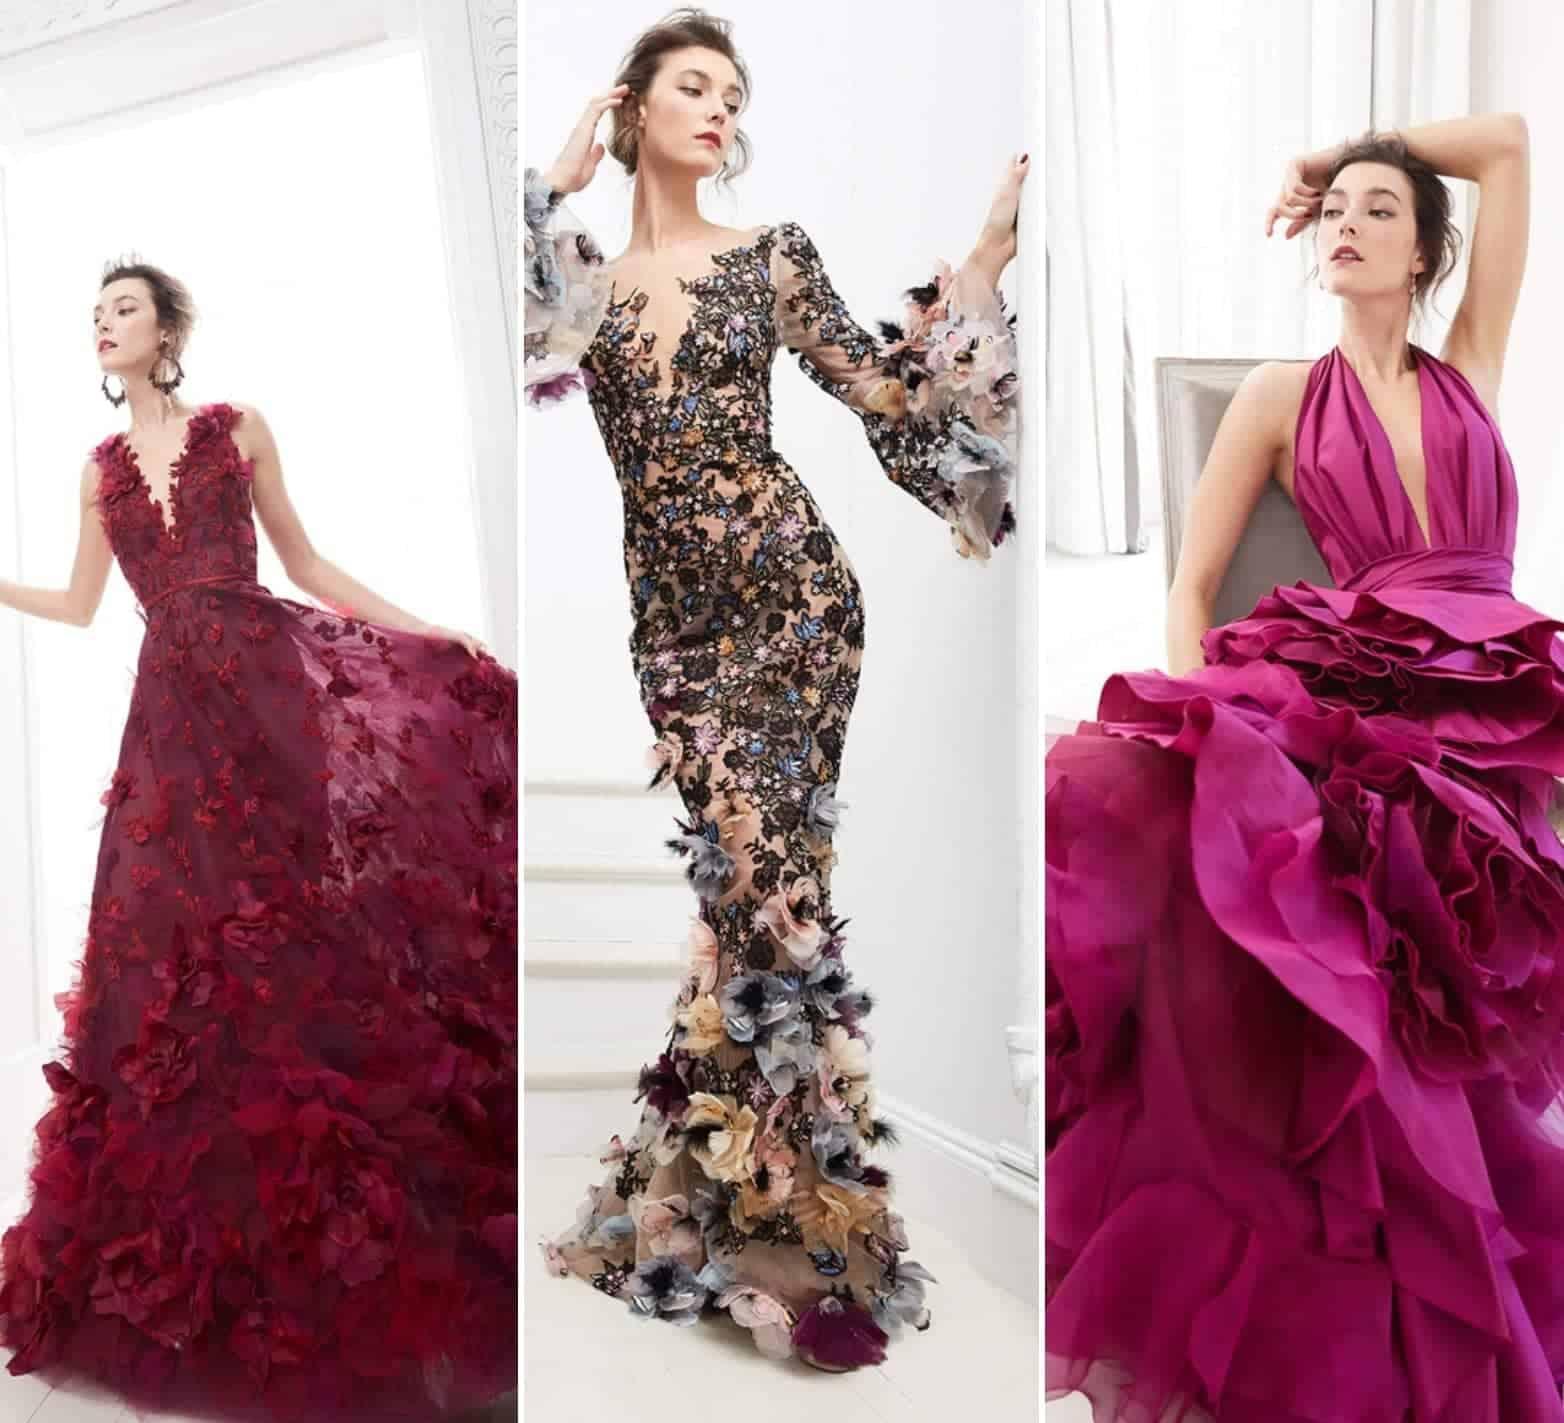 فساتين مارتشيزا للأزياء 2020